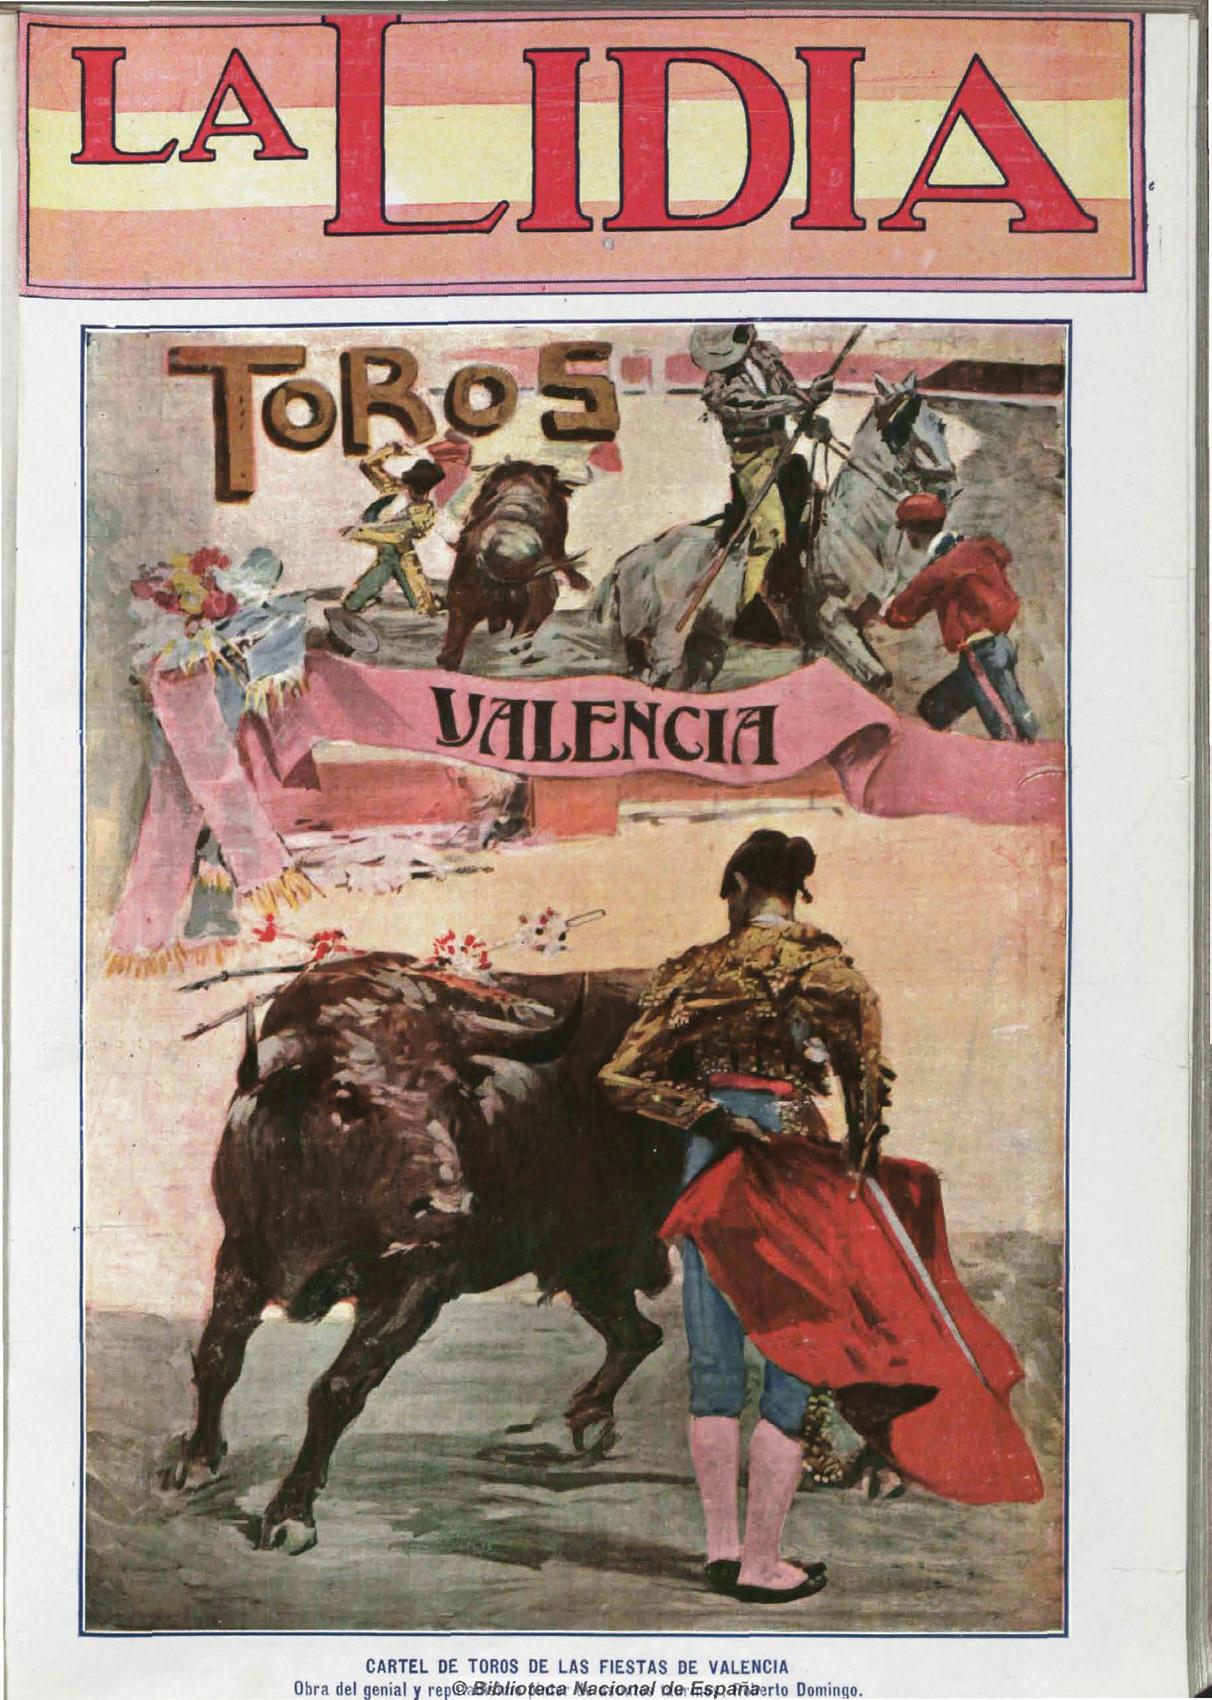 Cartel de toros de las fiestas de Valencia